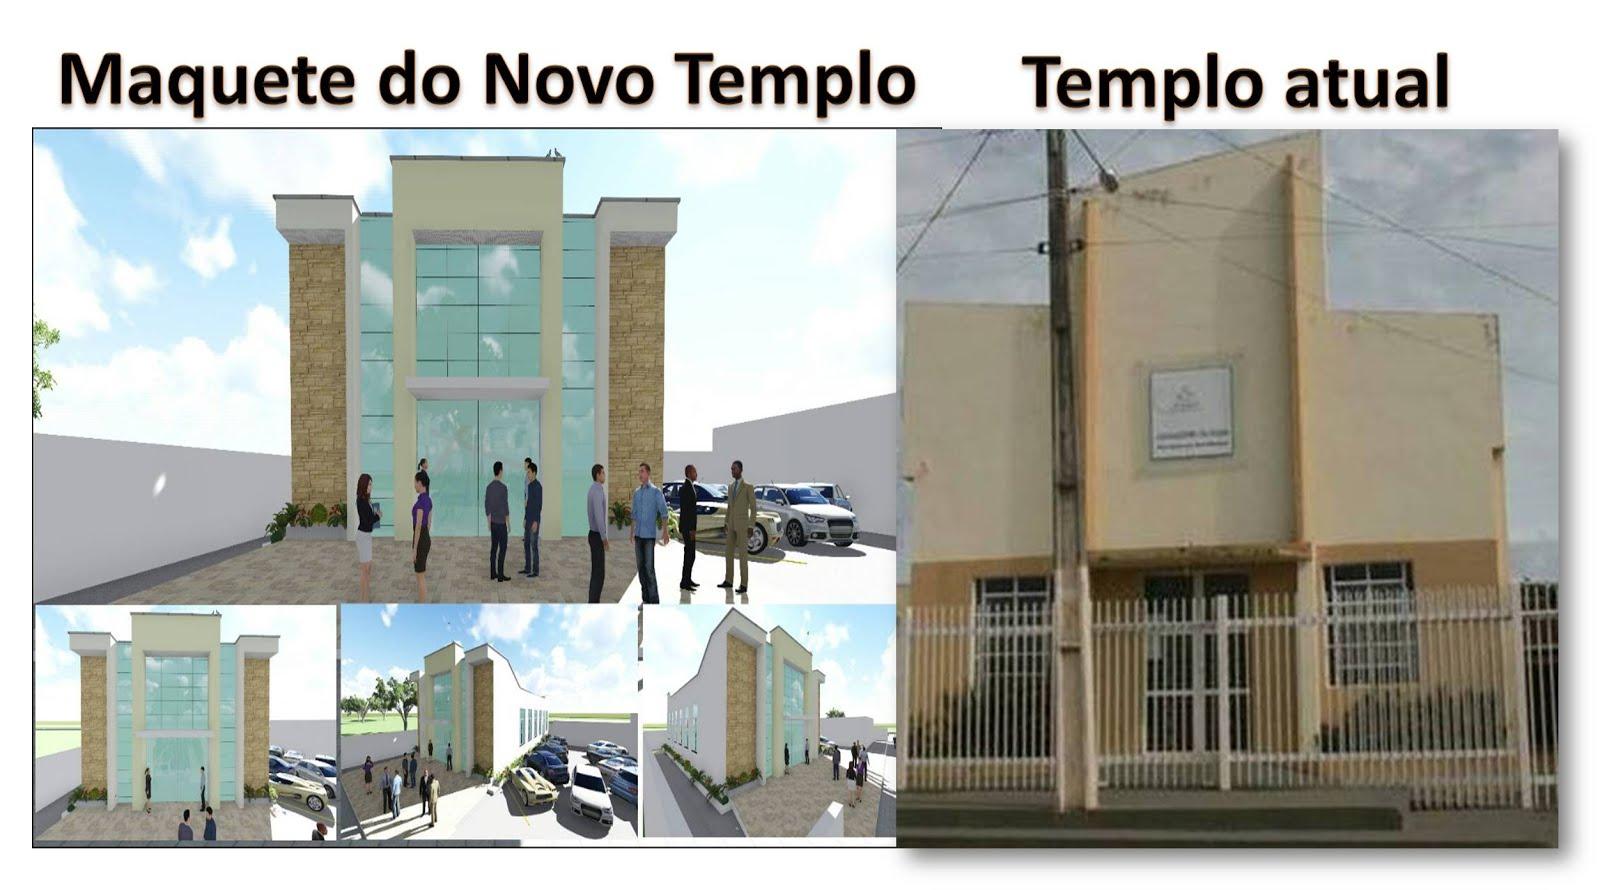 PRESTAÇÃO DE CONTAS REFERENTE À CONSTRUÇÃO DO TEMPLO DA CONGREGAÇÃO